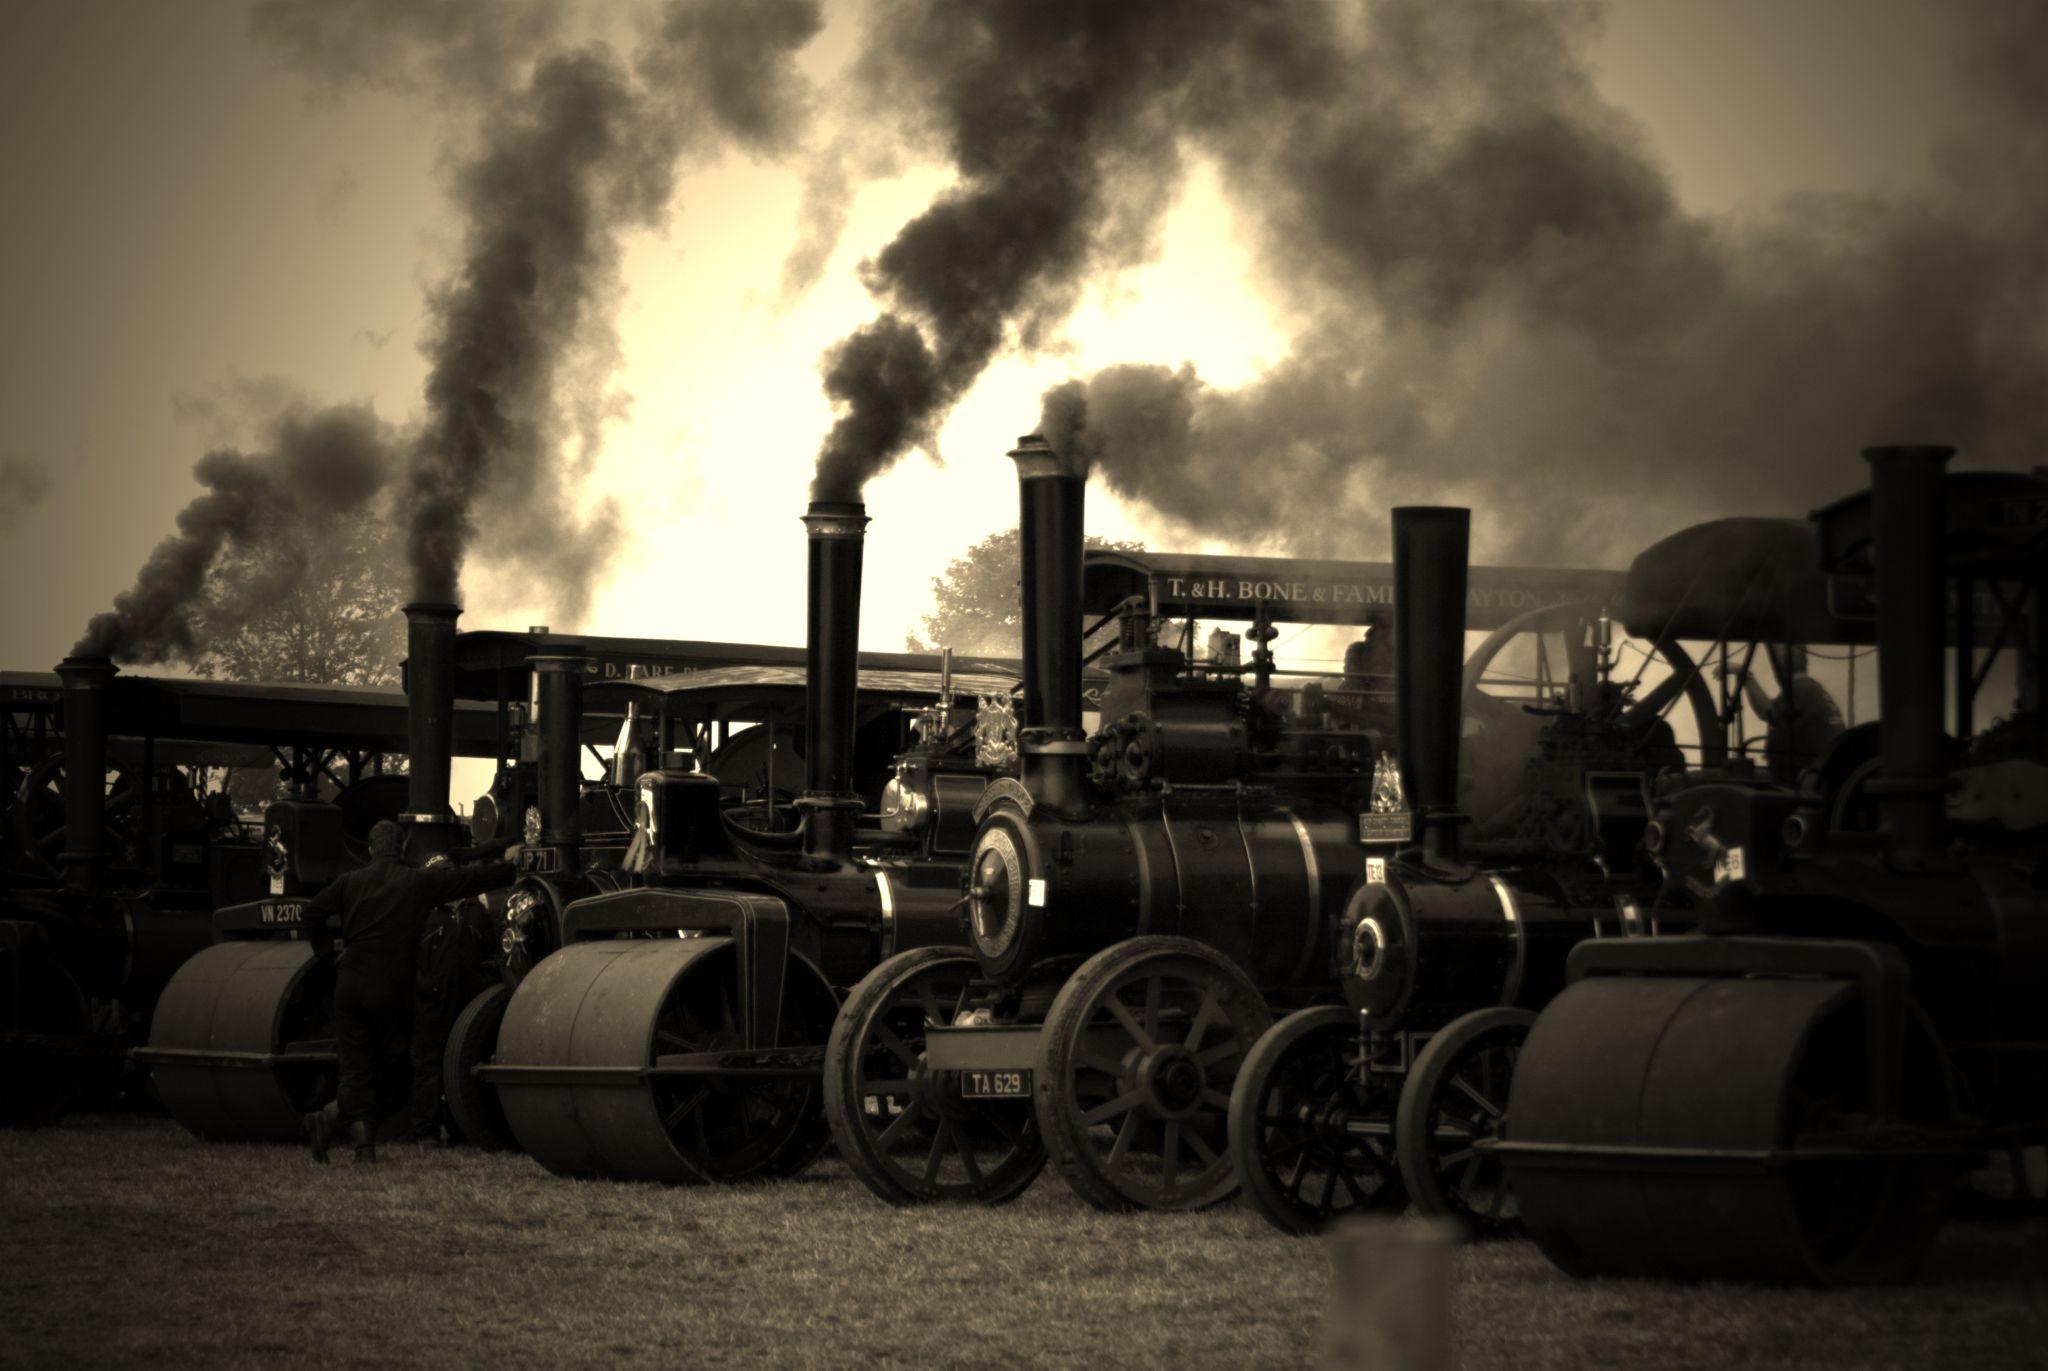 Age of steam by Kaz Matthews